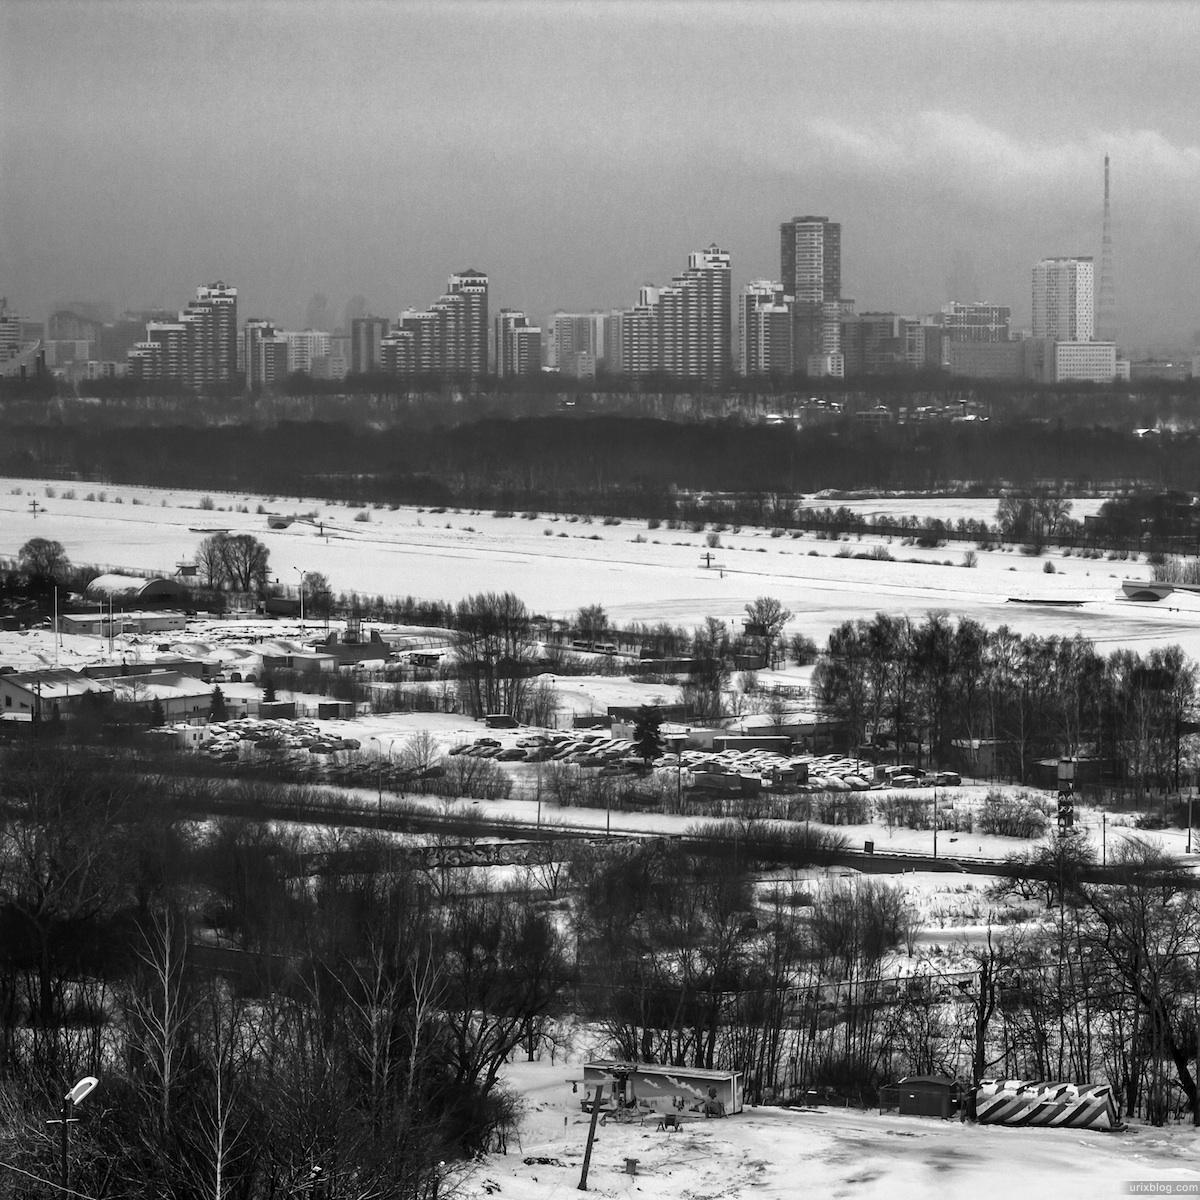 2012, Крылатские холмы, Москва, Россия, Зима, снег